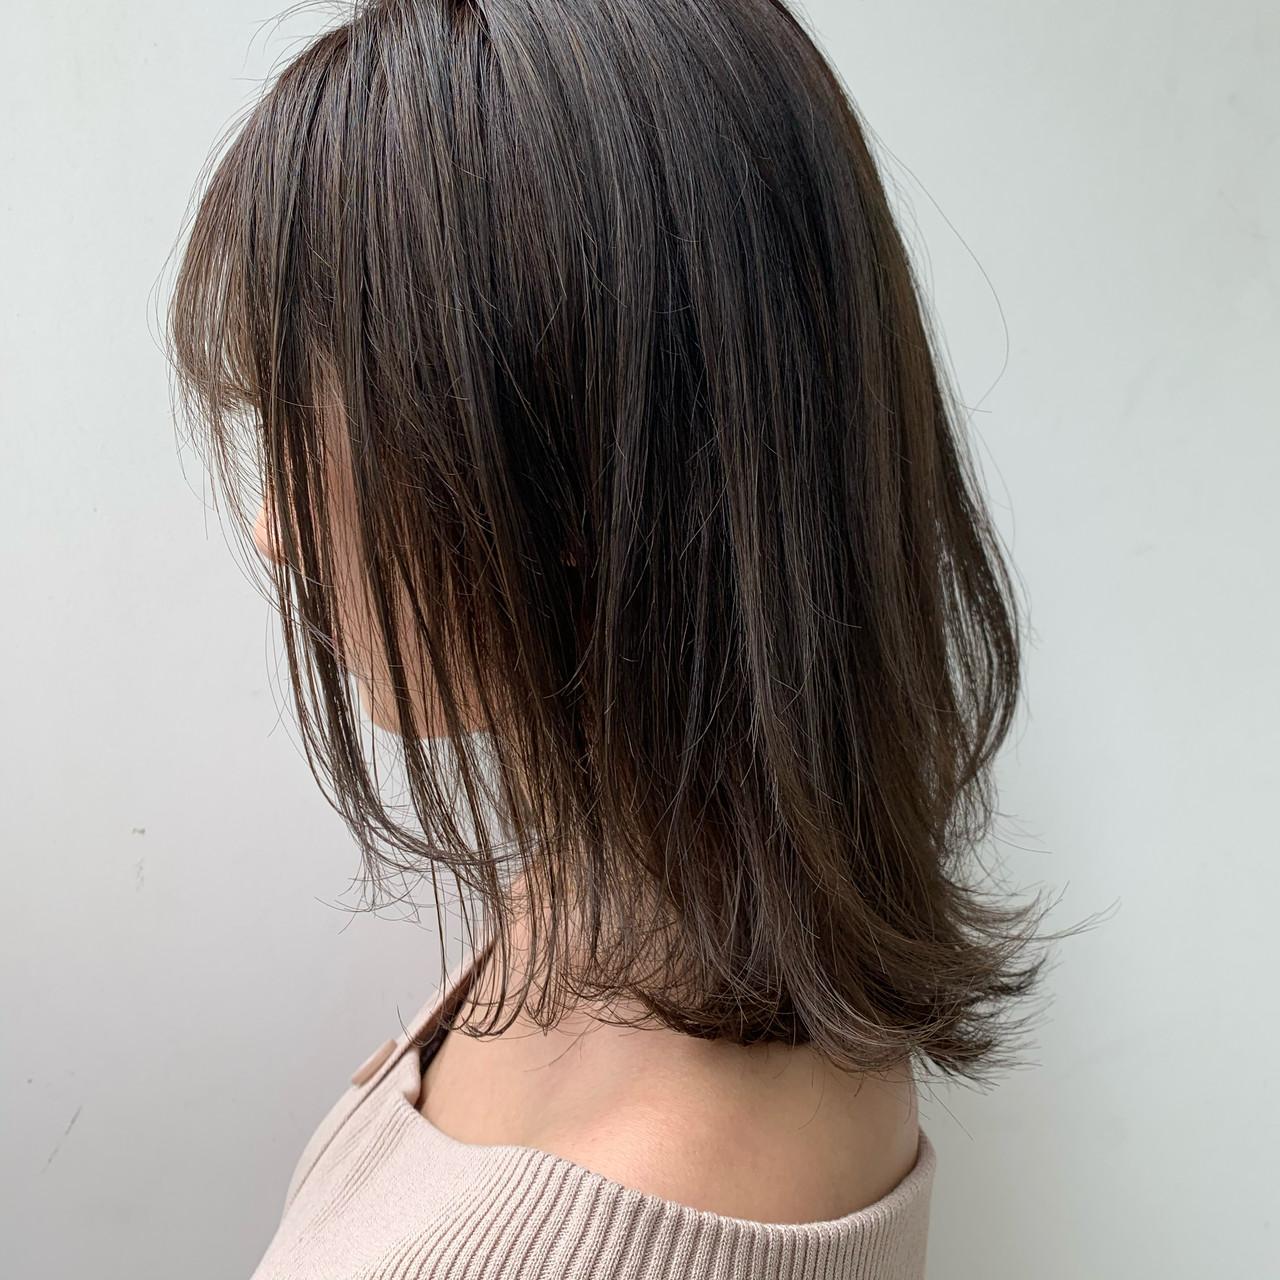 ミディアムレイヤー ミディアム 外国人風カラー ミルクティーベージュ ヘアスタイルや髪型の写真・画像